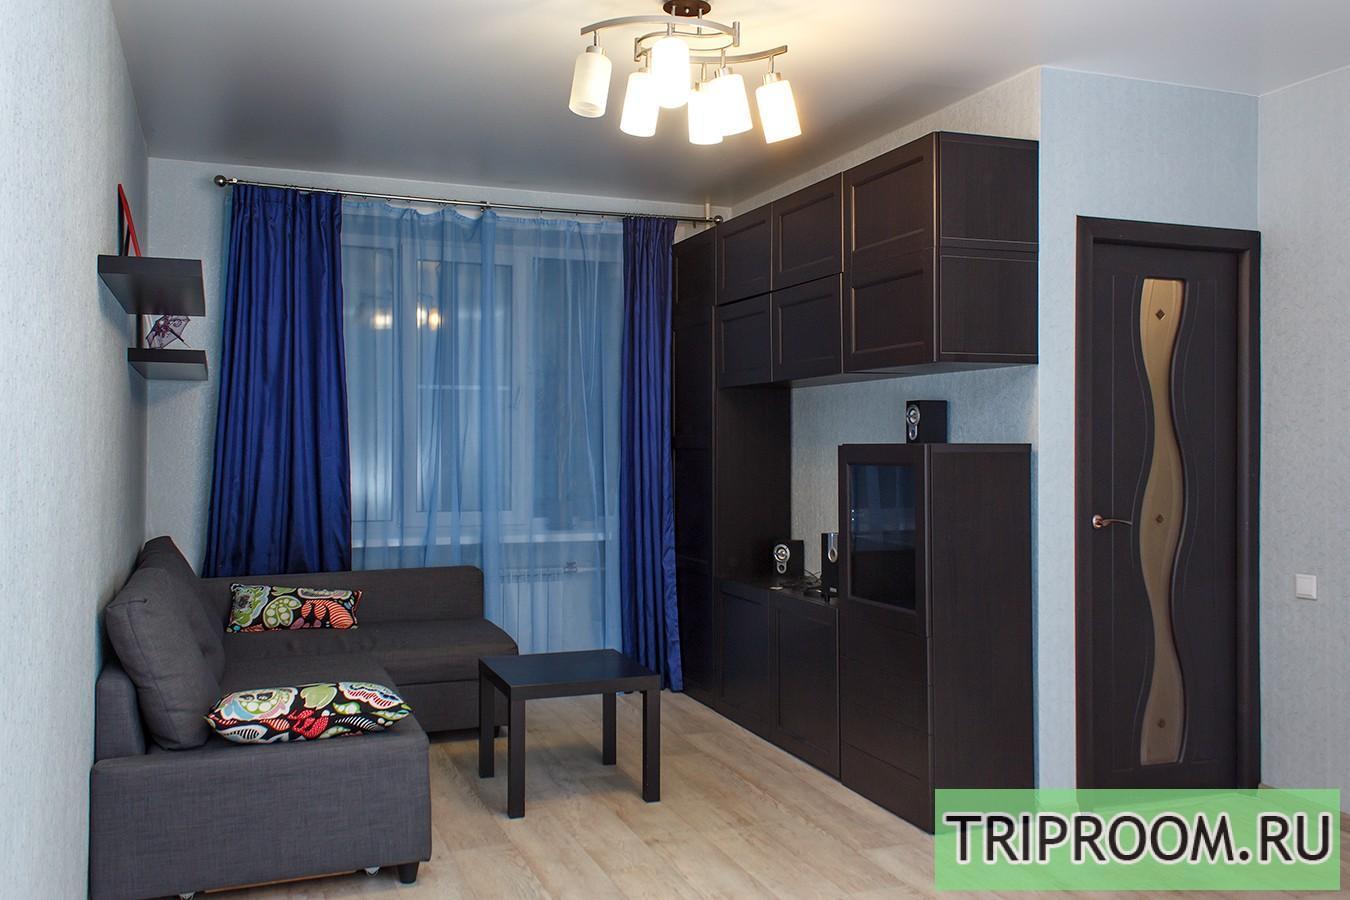 1-комнатная квартира посуточно (вариант № 2281), ул. Дзержинского проспект, фото № 1